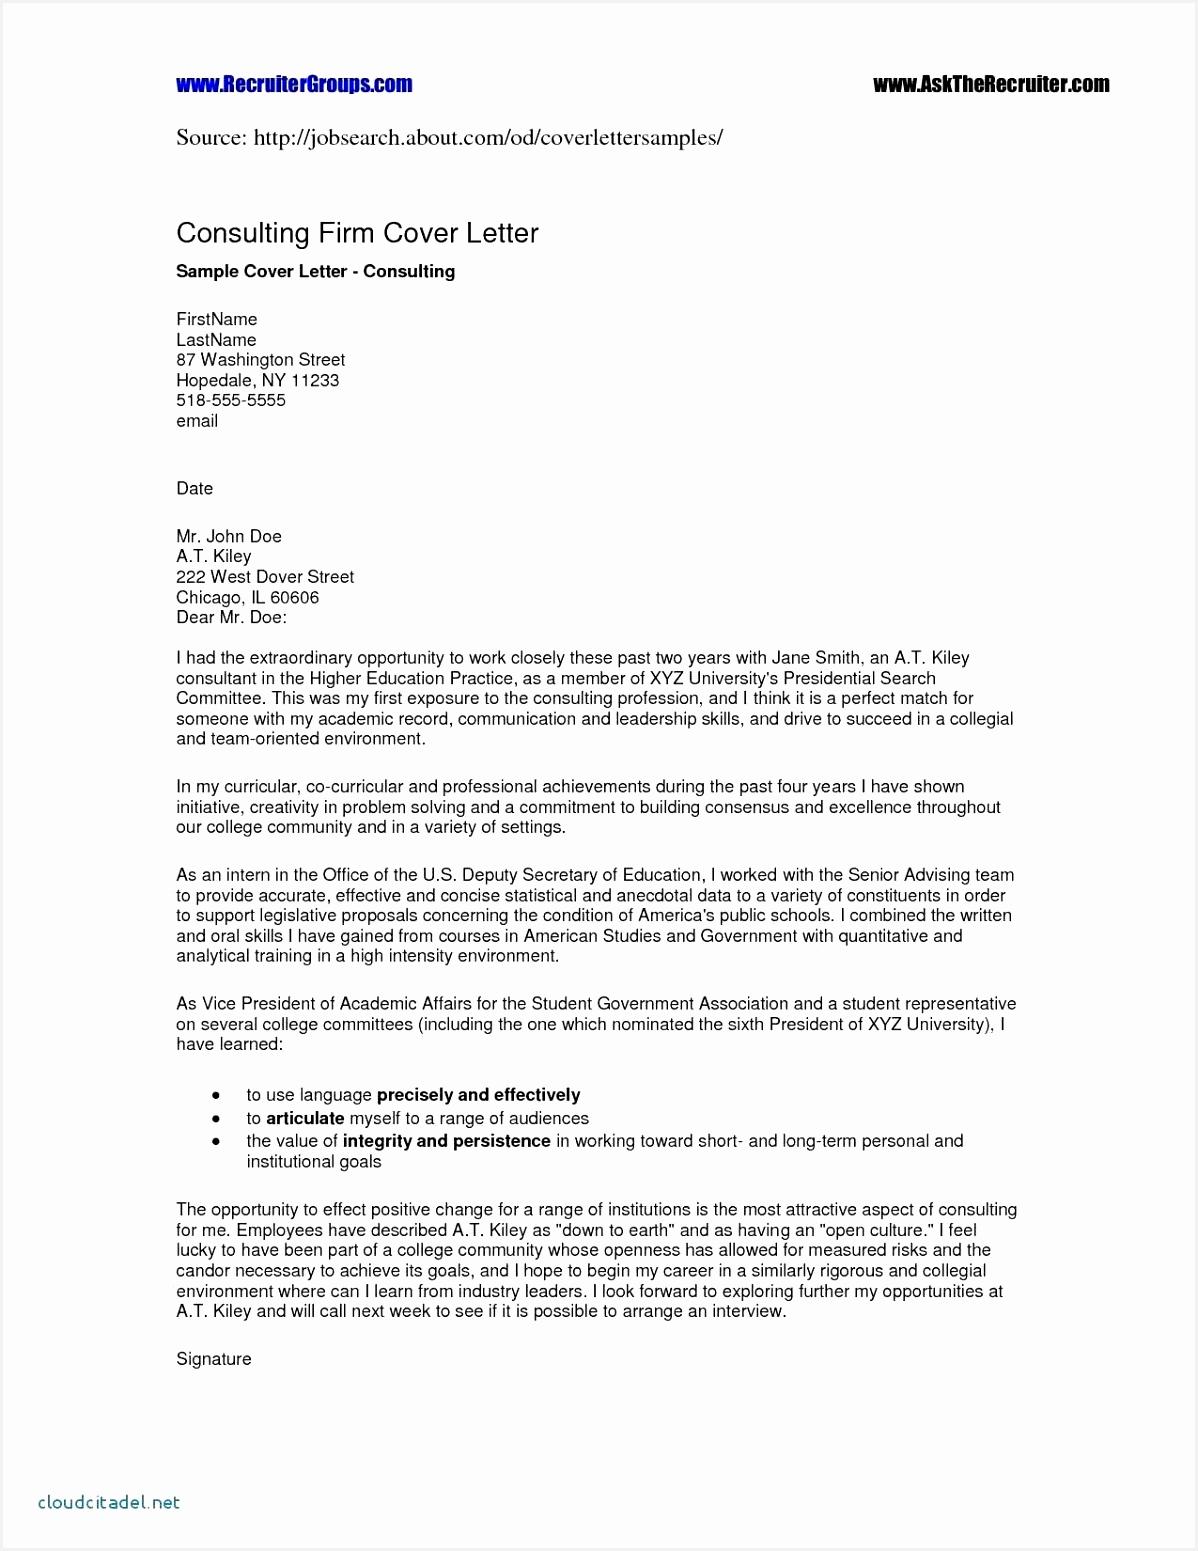 Sample Resume Letter for Job Vodfg Fresh Cover Letter Template Teaching Job New Cover Letter for Teacher Of 7 Sample Resume Letter for Job